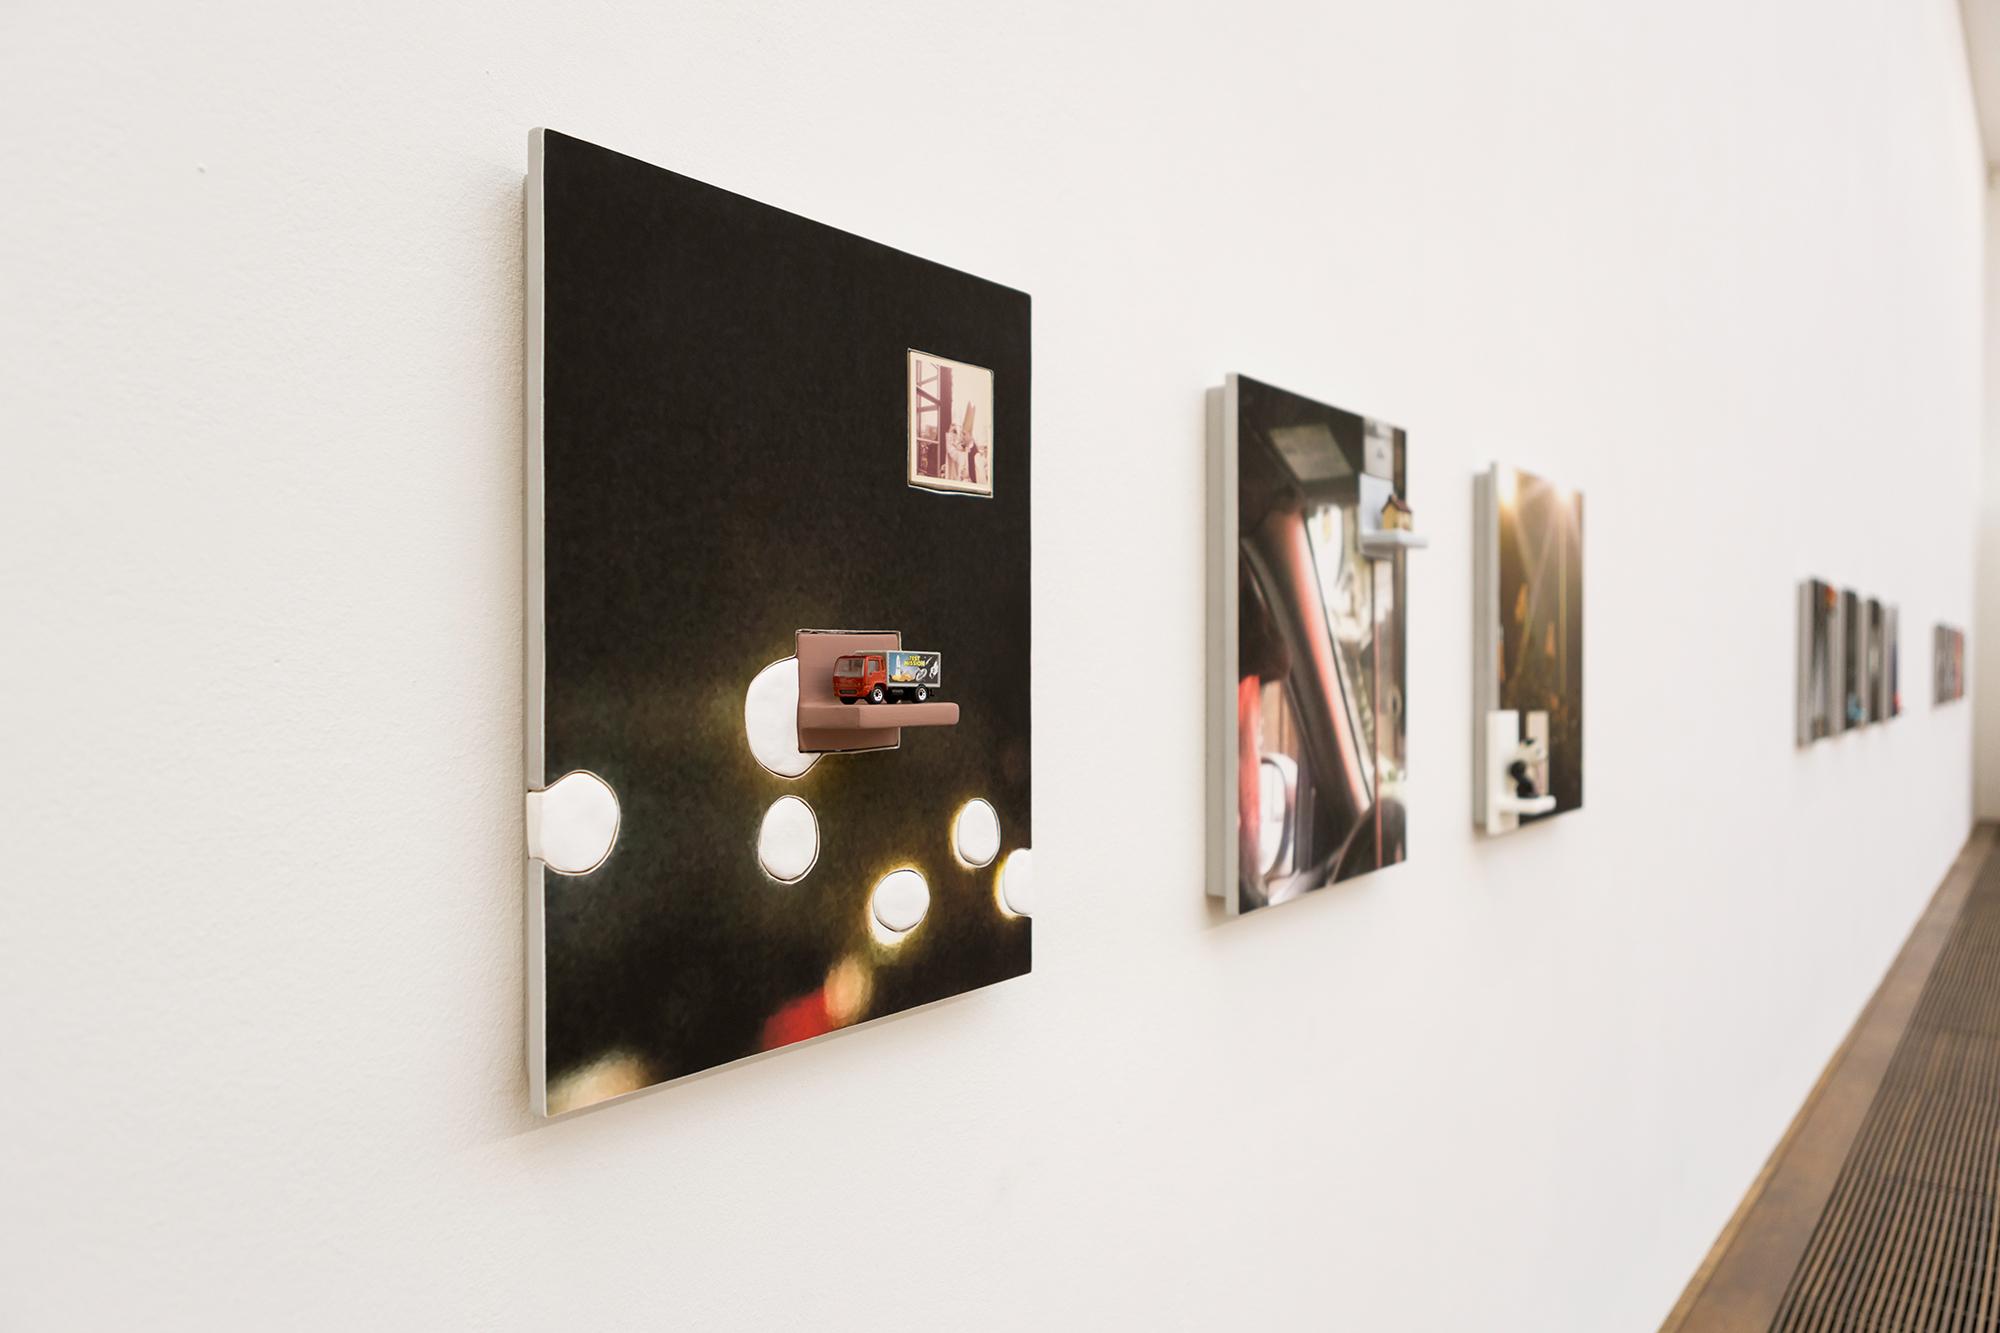 A frame in a frame in a frame: Sadie Bennings Werke sind Bilder in Bildern in Bildern.